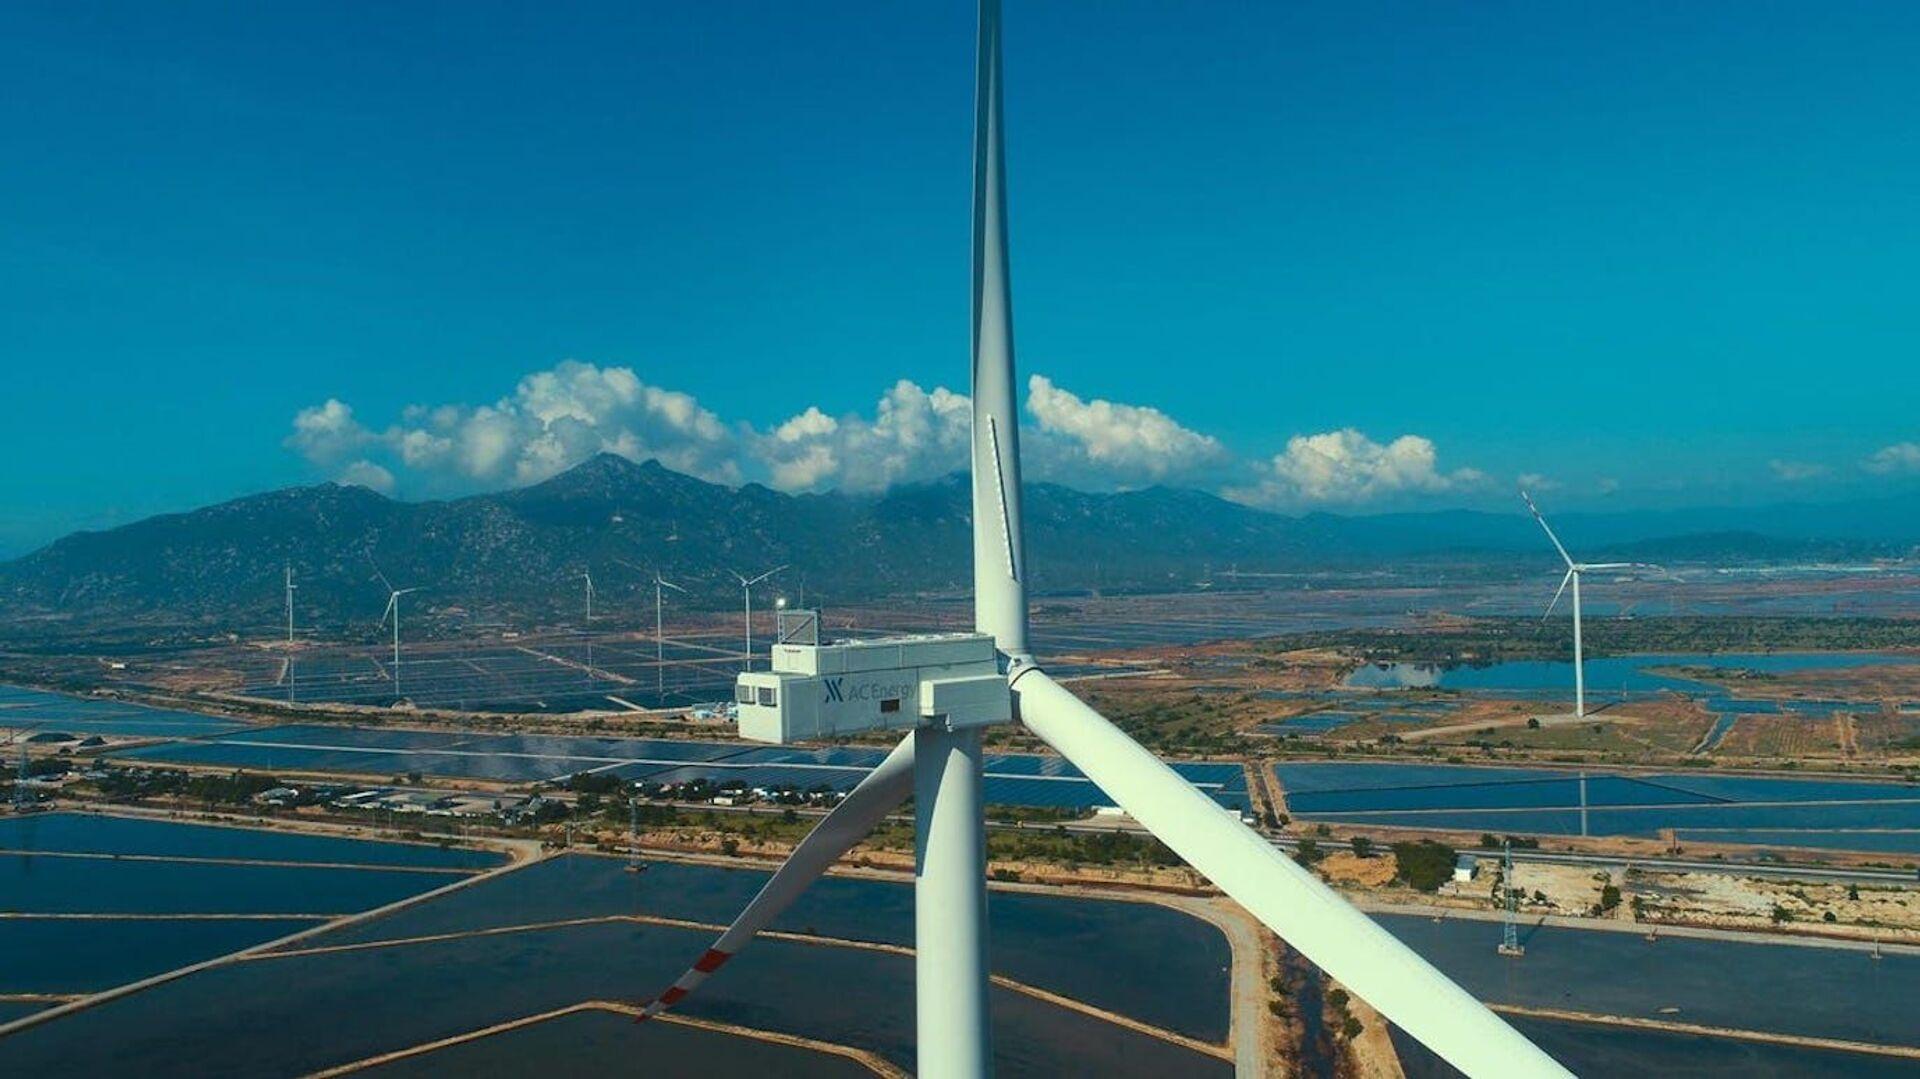 Nhà máy điện gió AC Energy tại Việt Nam. - Sputnik Việt Nam, 1920, 05.10.2021